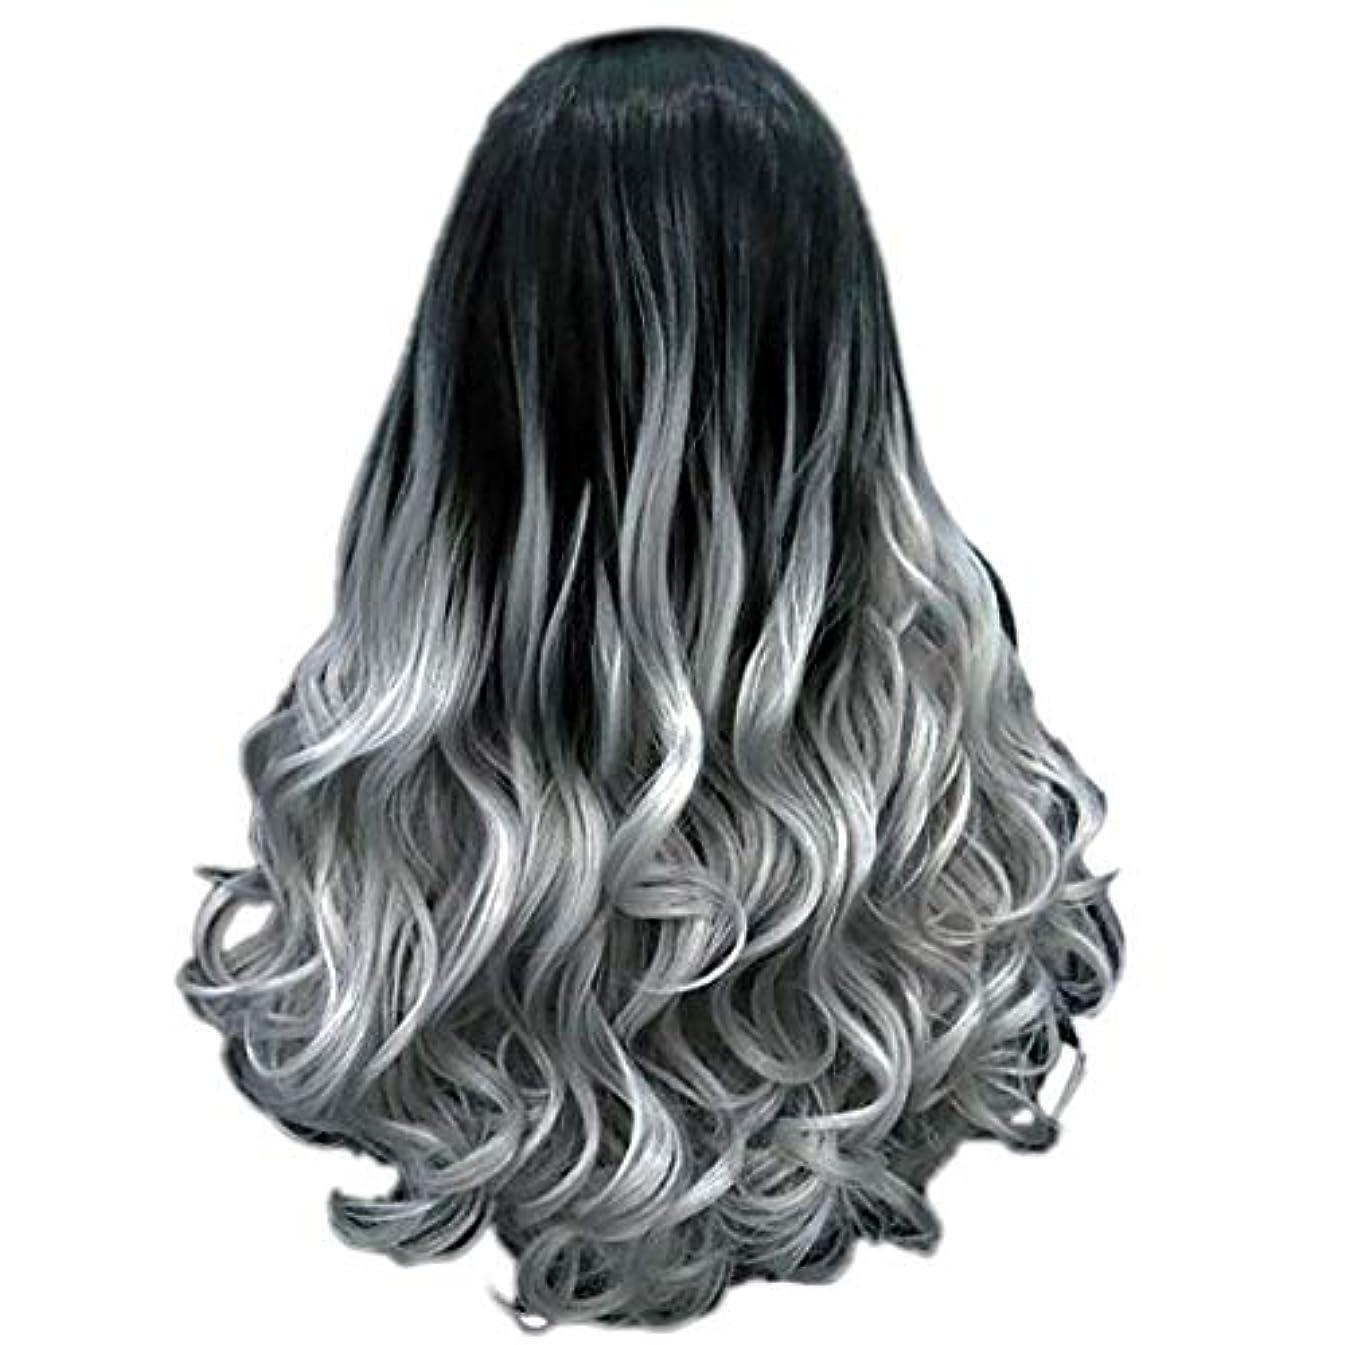 回復する商品落ち着いて女性の長い巻き毛のファッションセクシーなかつら70 cmをかつら